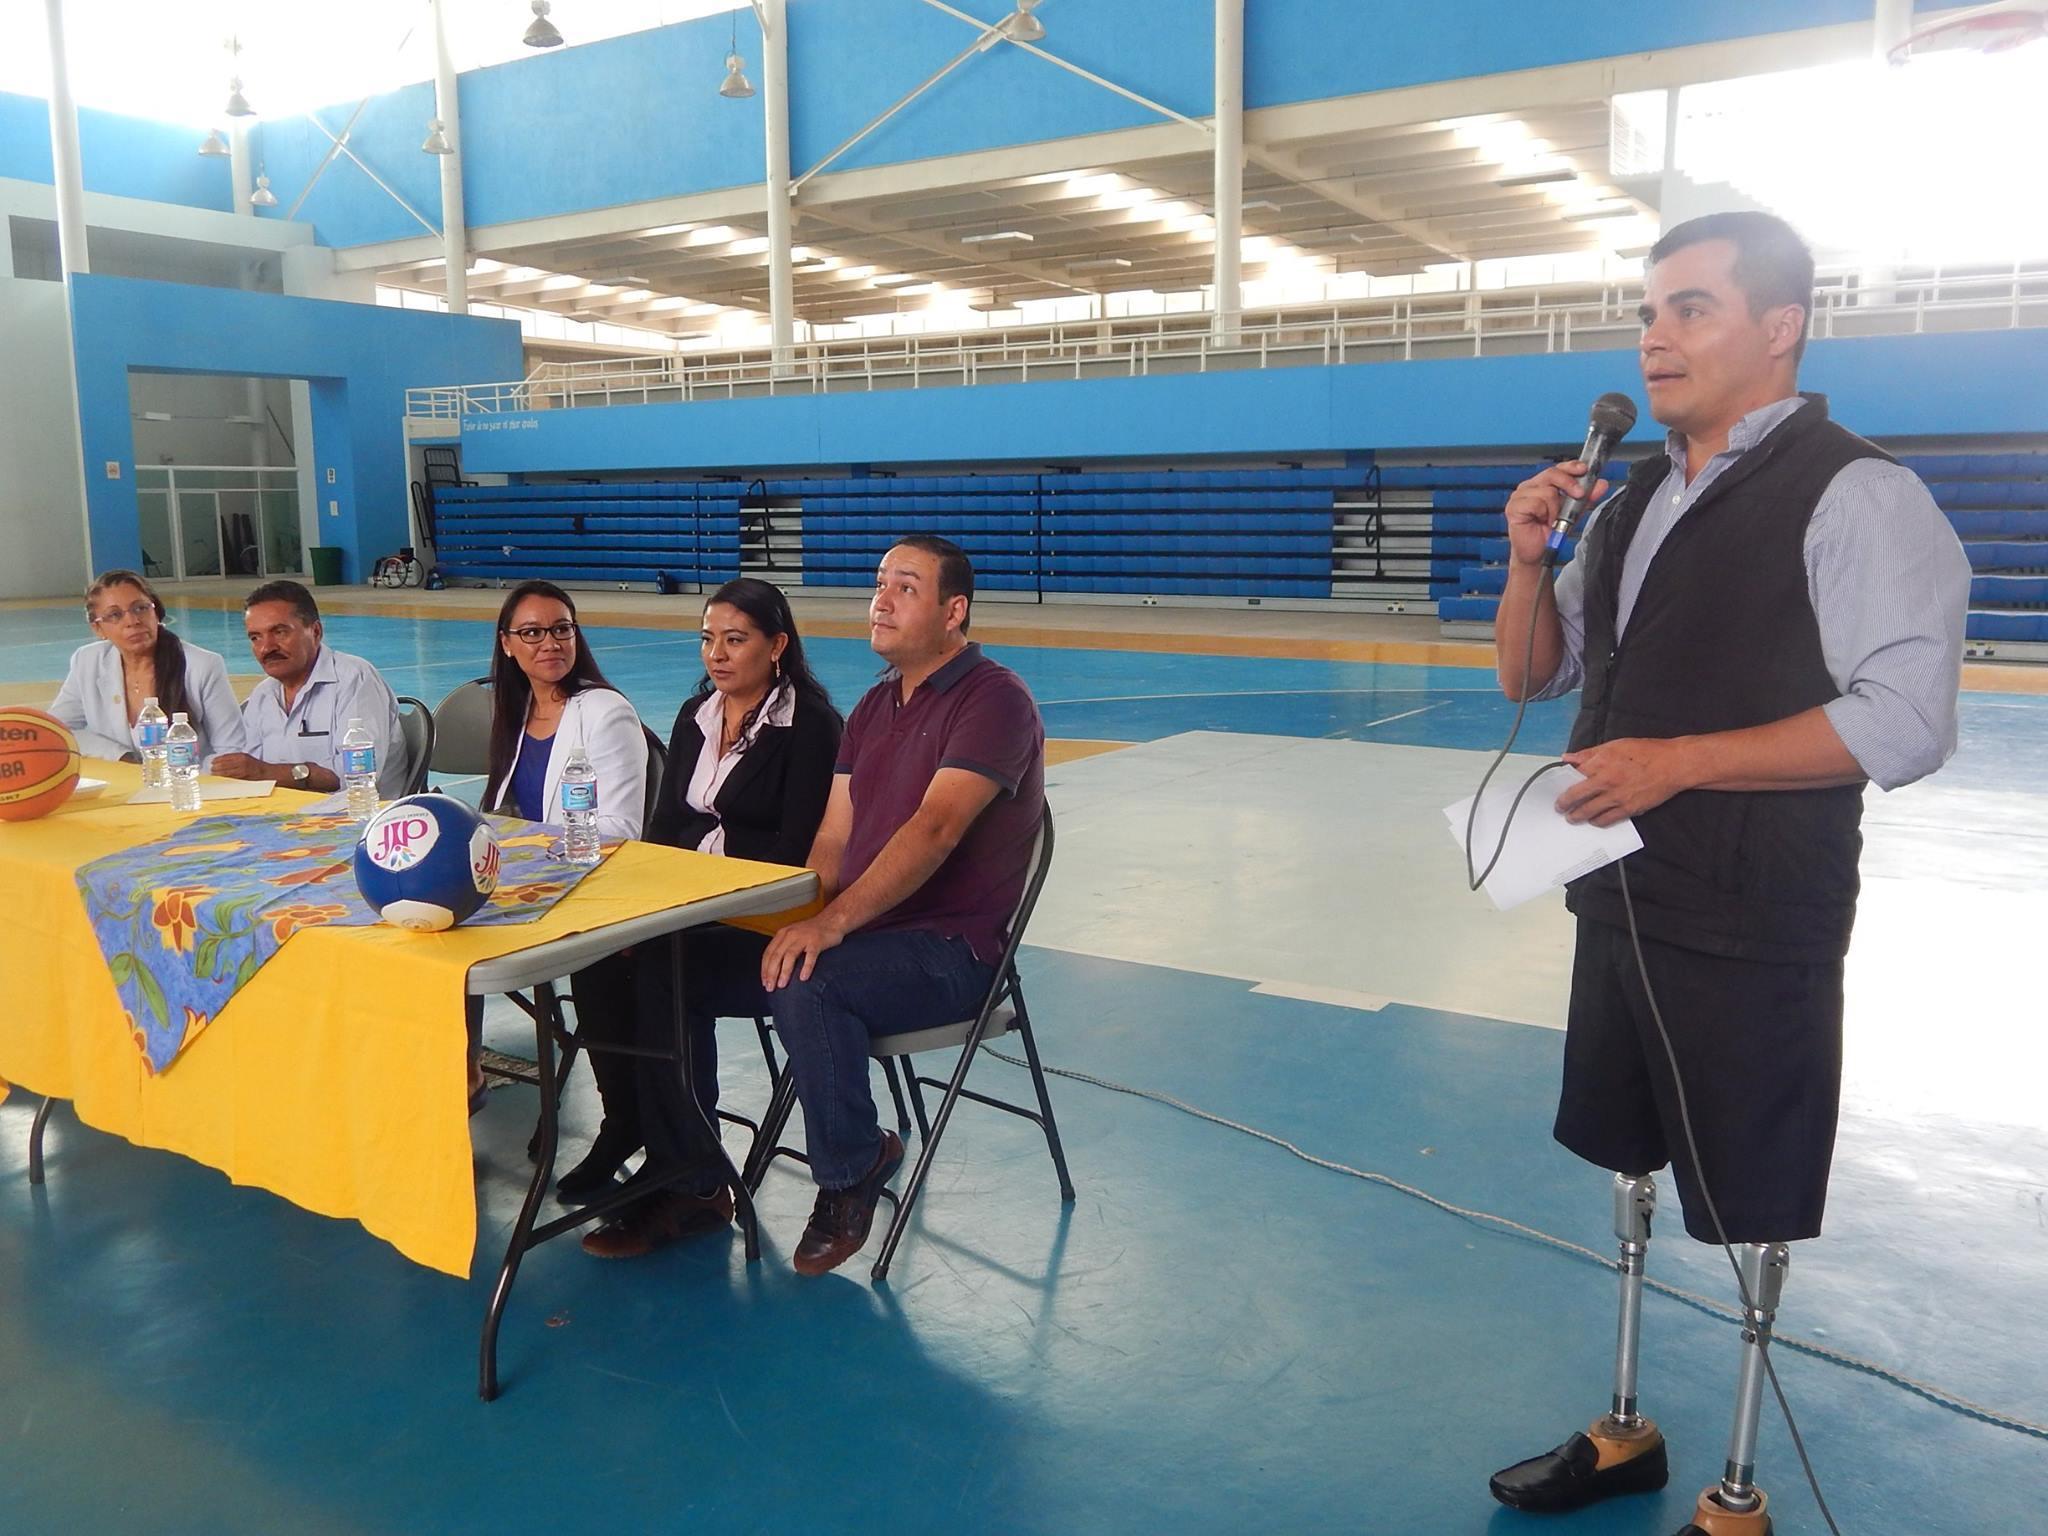 En su mensaje el Ing. Rafael Ramírez Tirado, dijo que este sector de la población es uno de los más olvidados, pero en su gobierno se pretende impulsar la inclusión no solamente en el aspecto deportivo y cultural, sino también en el laboral.